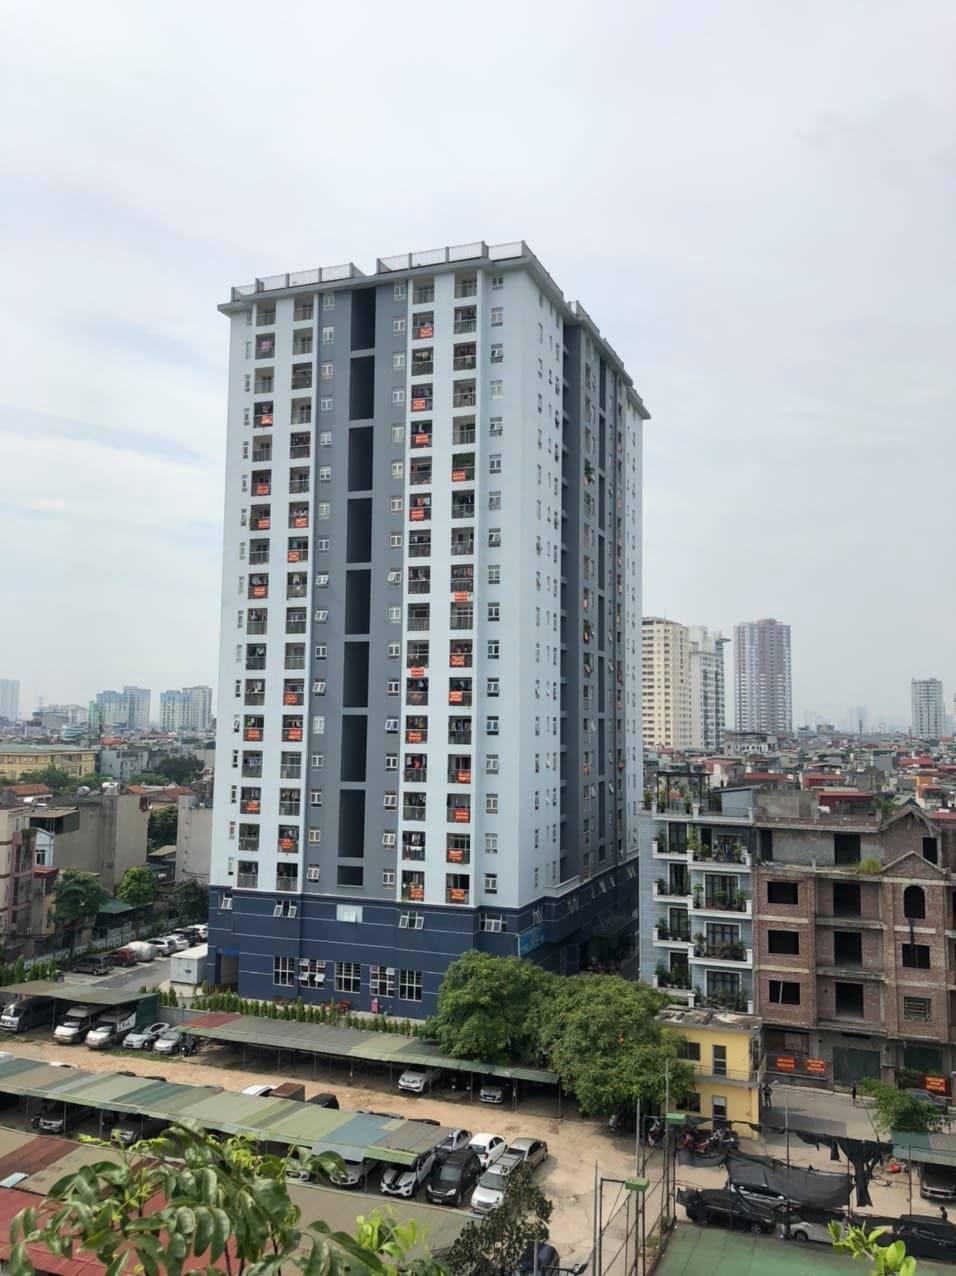 """Hàng trăm hộ dân sống trong chung cư """"vô thừa nhận"""" giữa Thủ đô - Ảnh 1."""